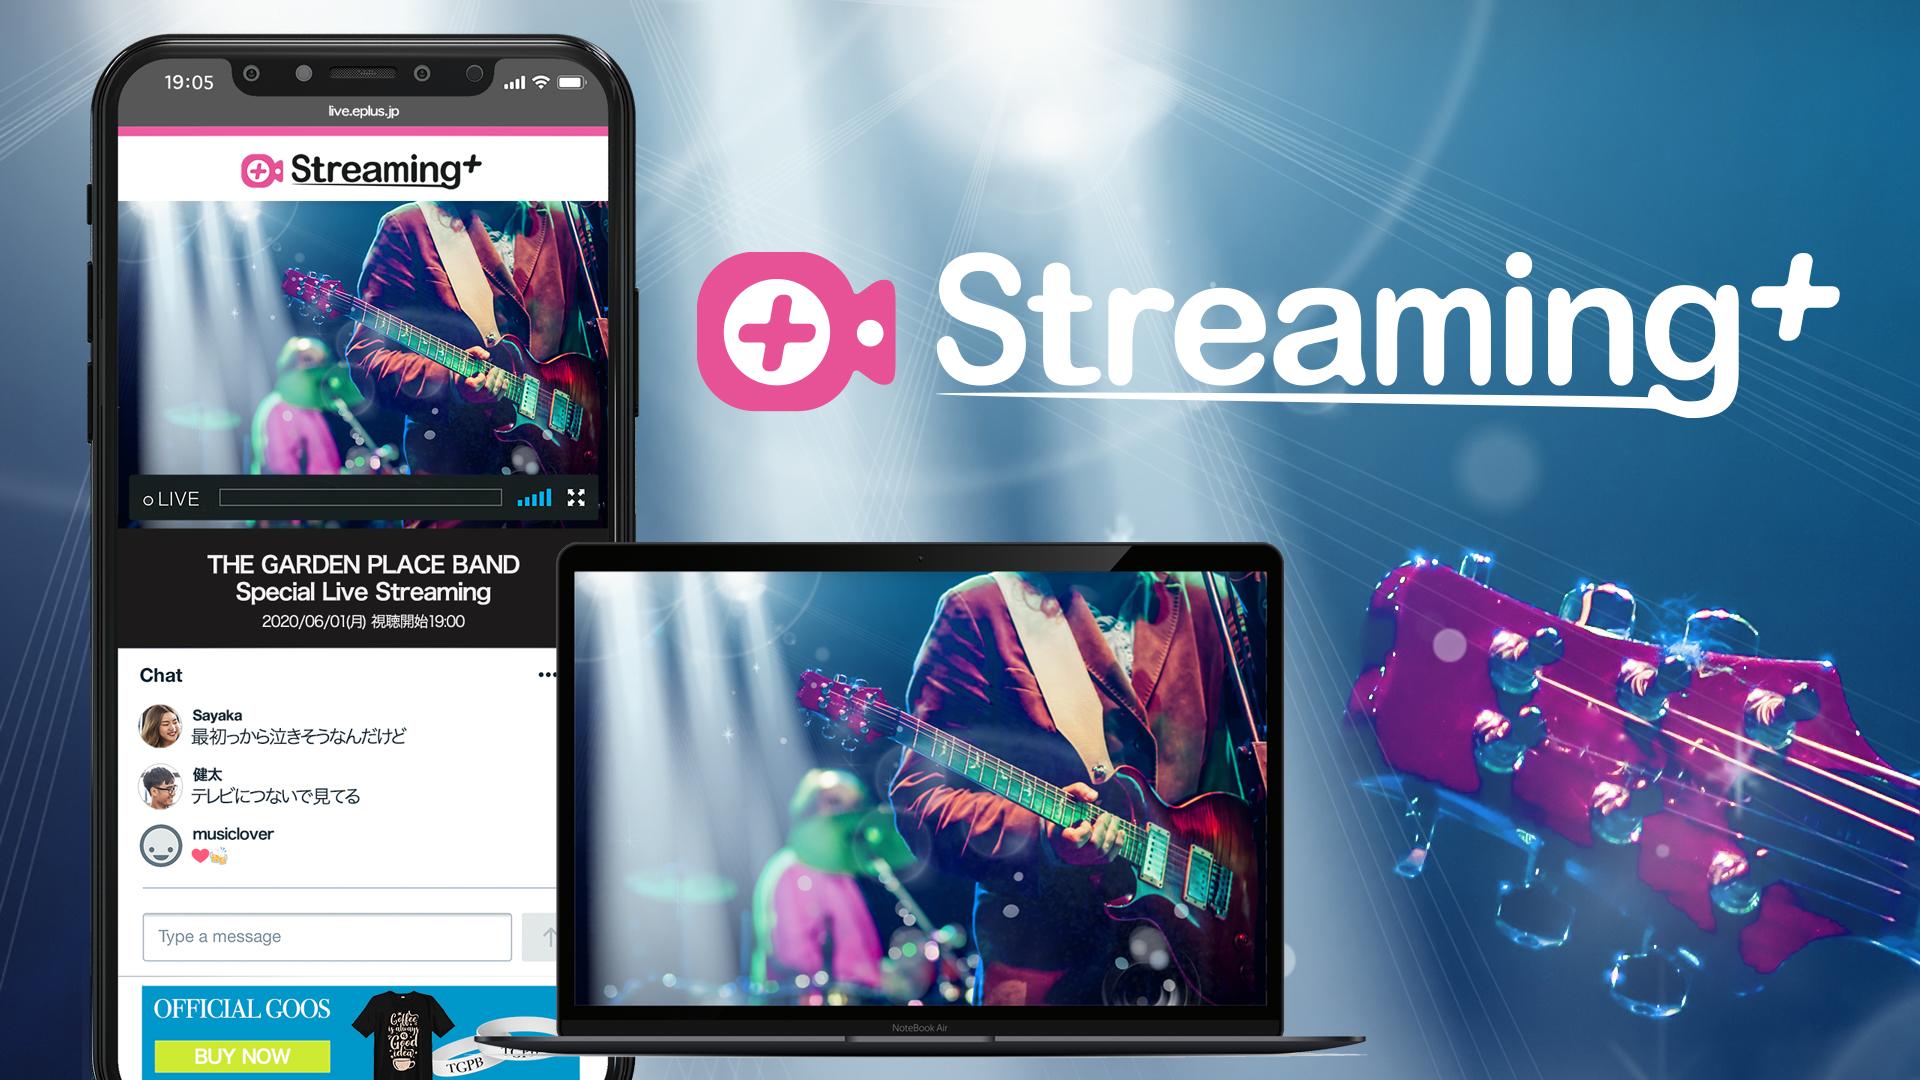 ライブ ストリーミング vimeo ネット上の動画が止まる、途切れ途切れになる場合の対処方法